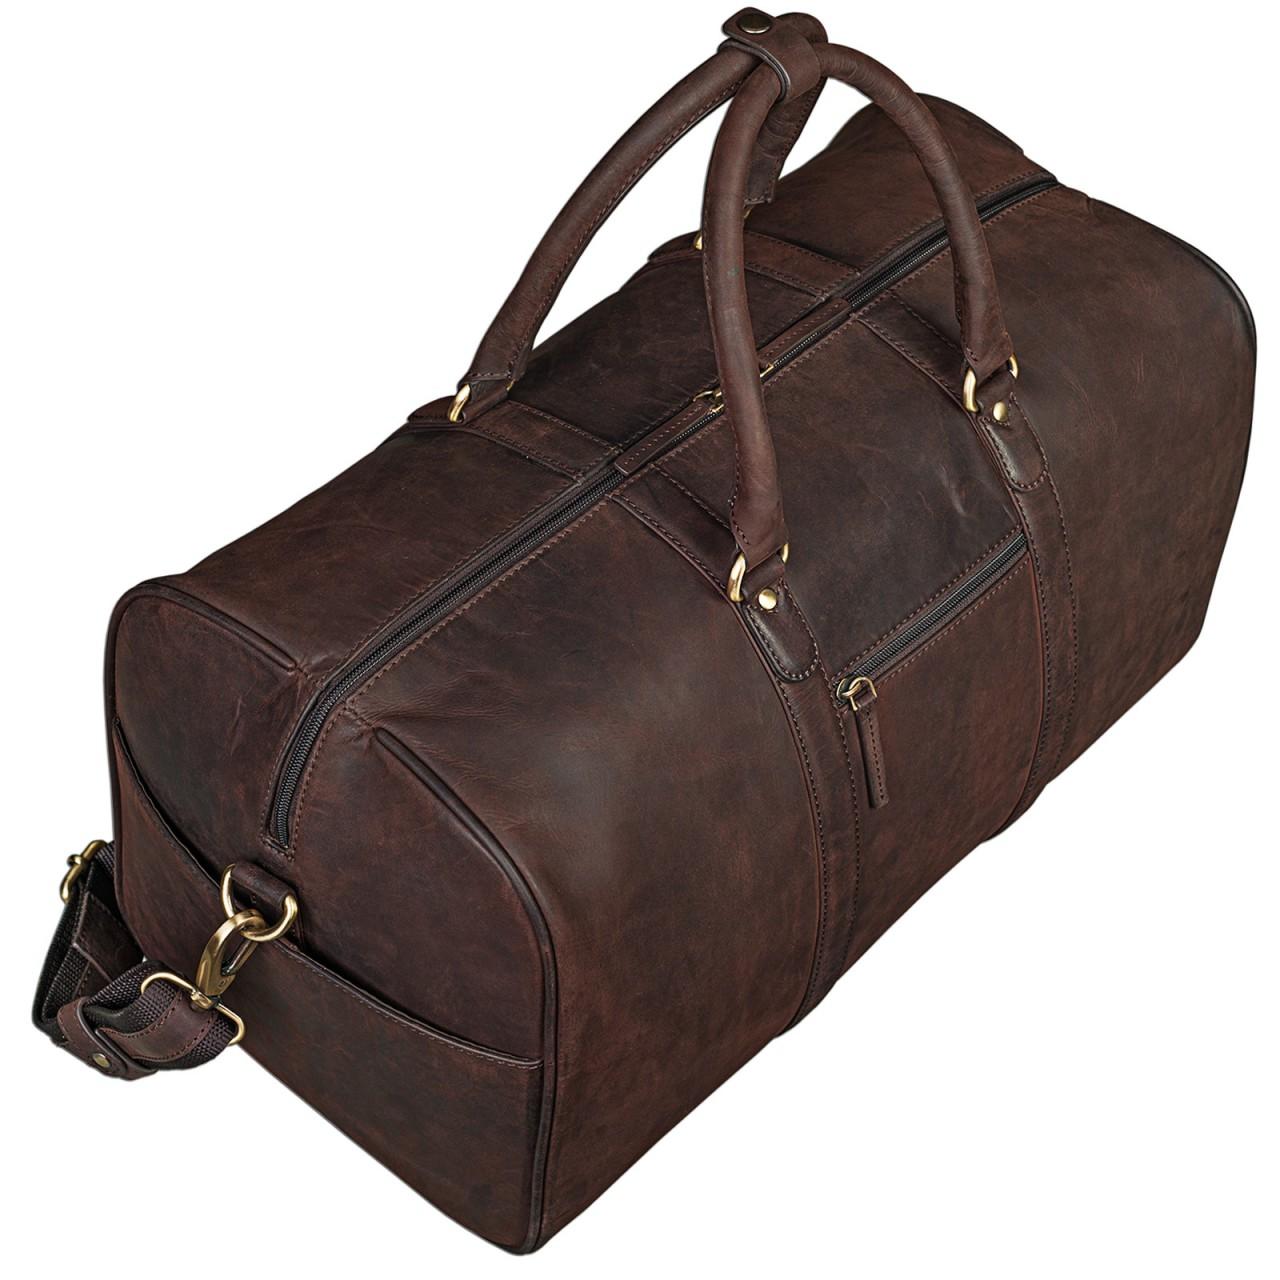 STILORD Elegante Vintage Reisetasche Umhängetasche Weekend Bag Handgepäck in Kabinengröße aus echtem Leder dunkelbraun - Bild 1